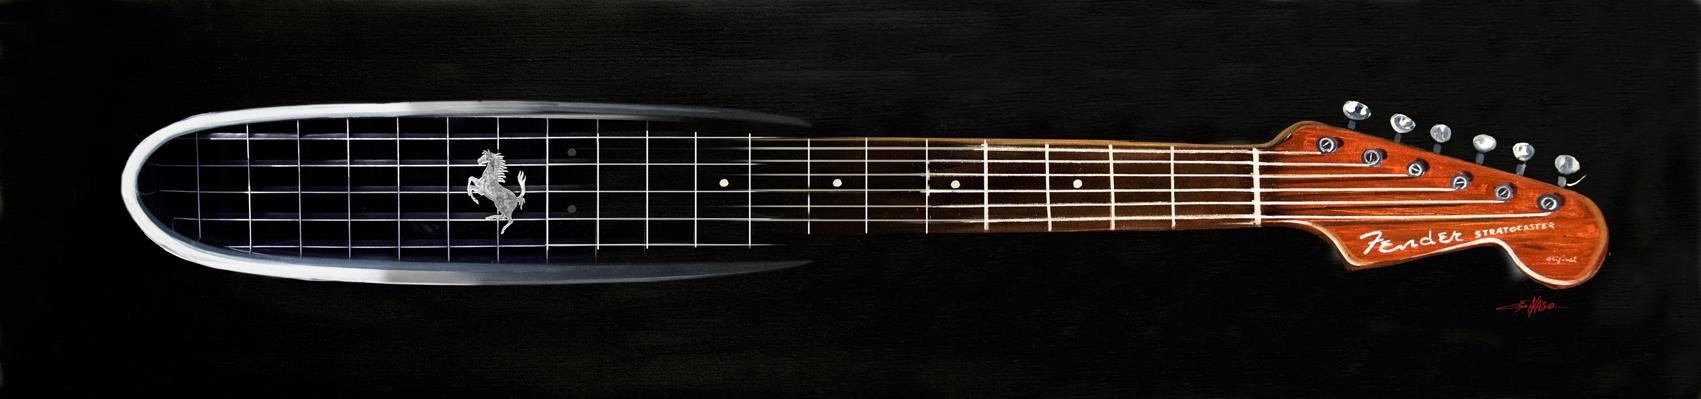 Calandra 250 chitarra fender